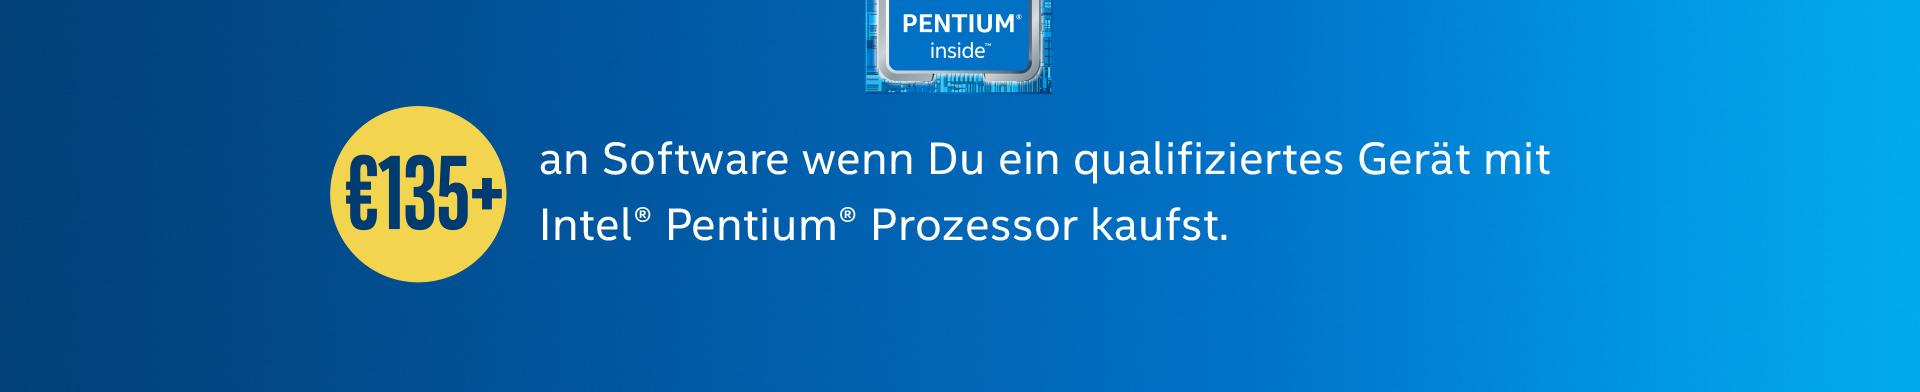 135€ + an Software wenn Du ein qualifiziertes Gerät mit Intel® Pentium® Prozessor kaufst.